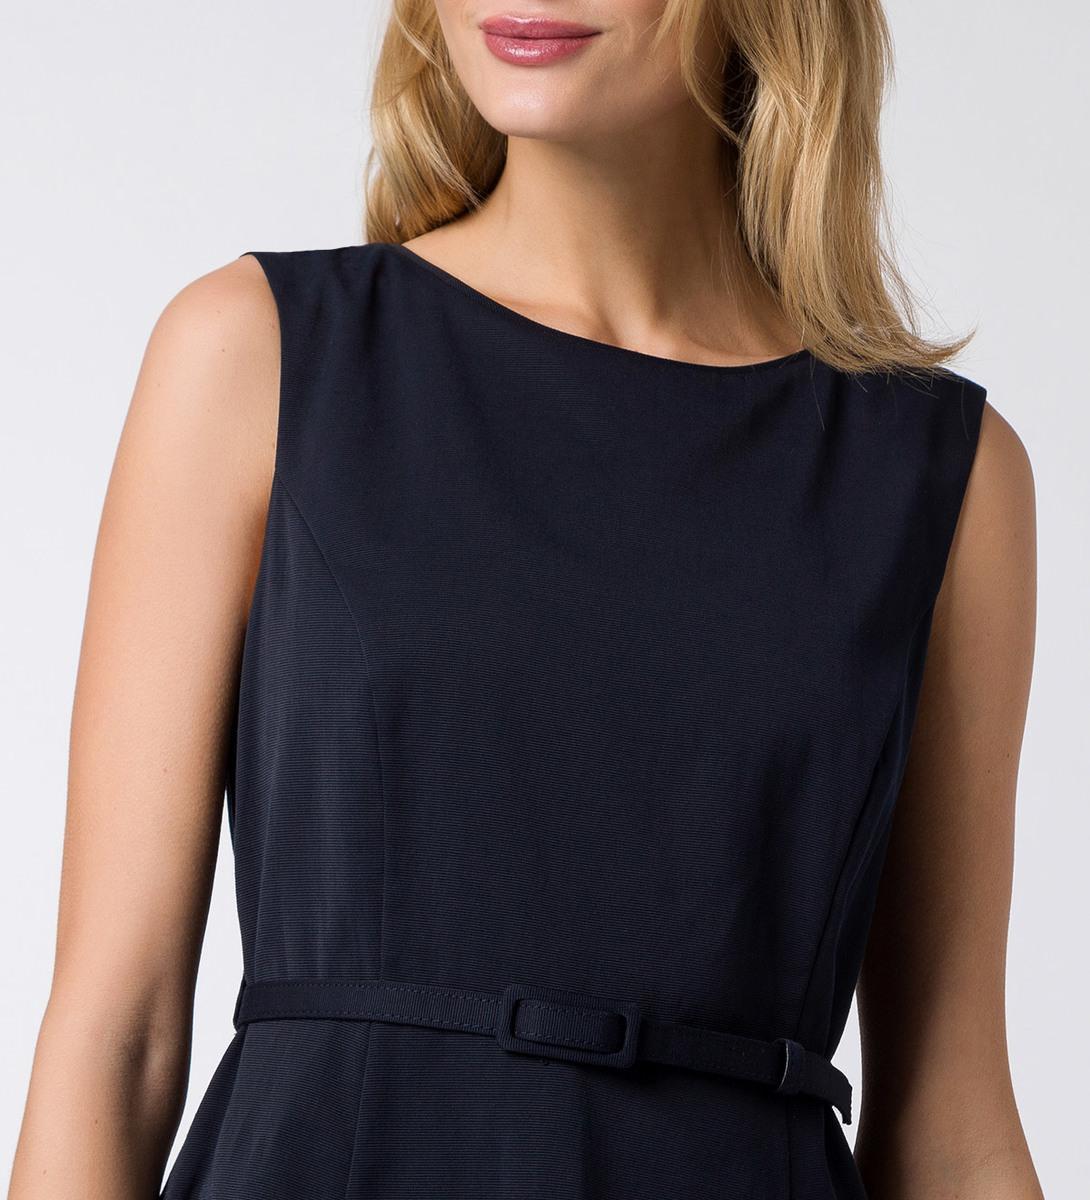 Kleid mit Taillengürtel in blue black